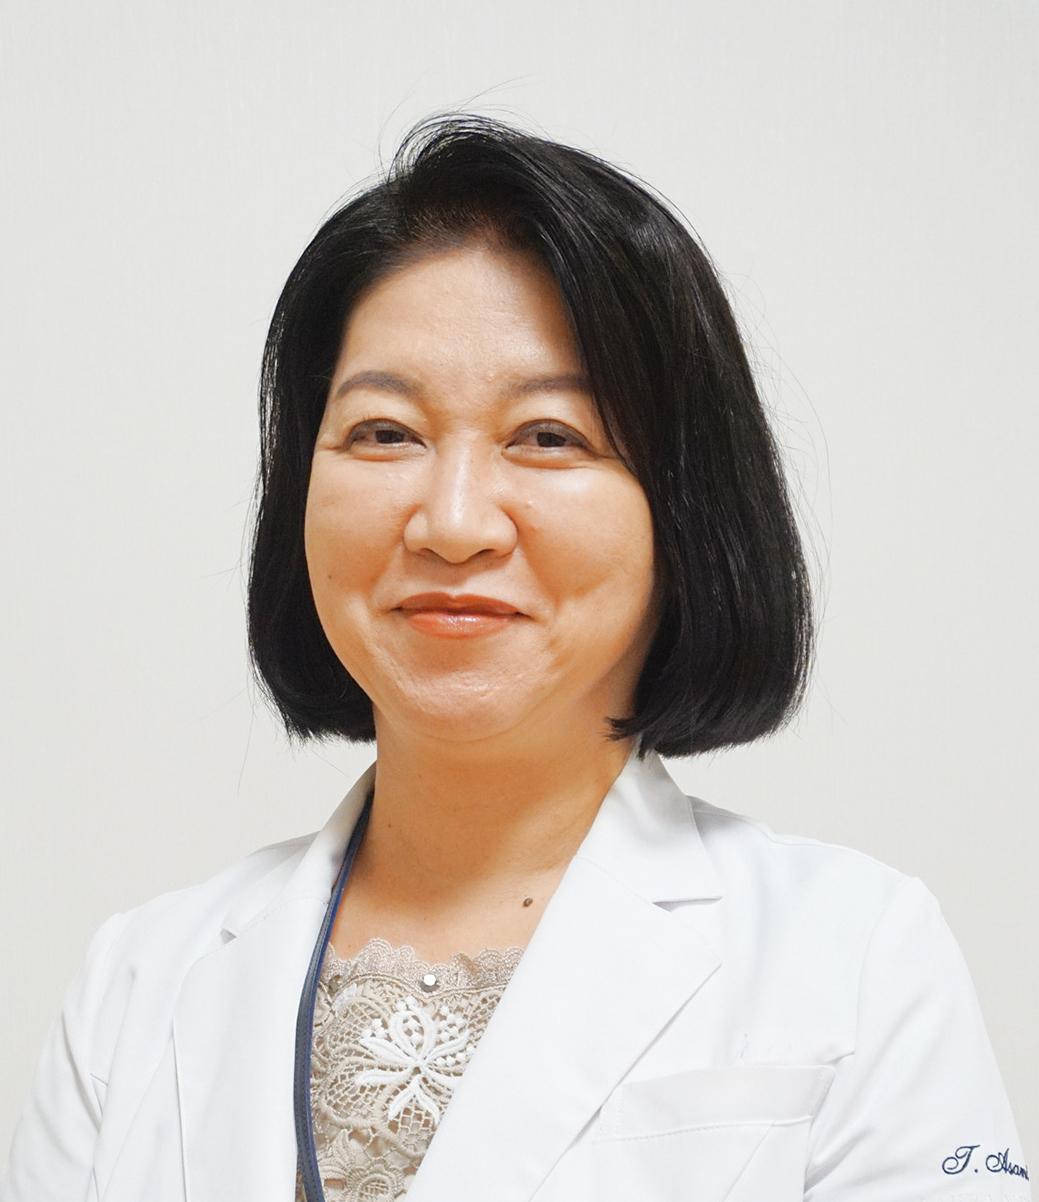 生活に密着するリハビリ分野 女性医師の活躍にも期待